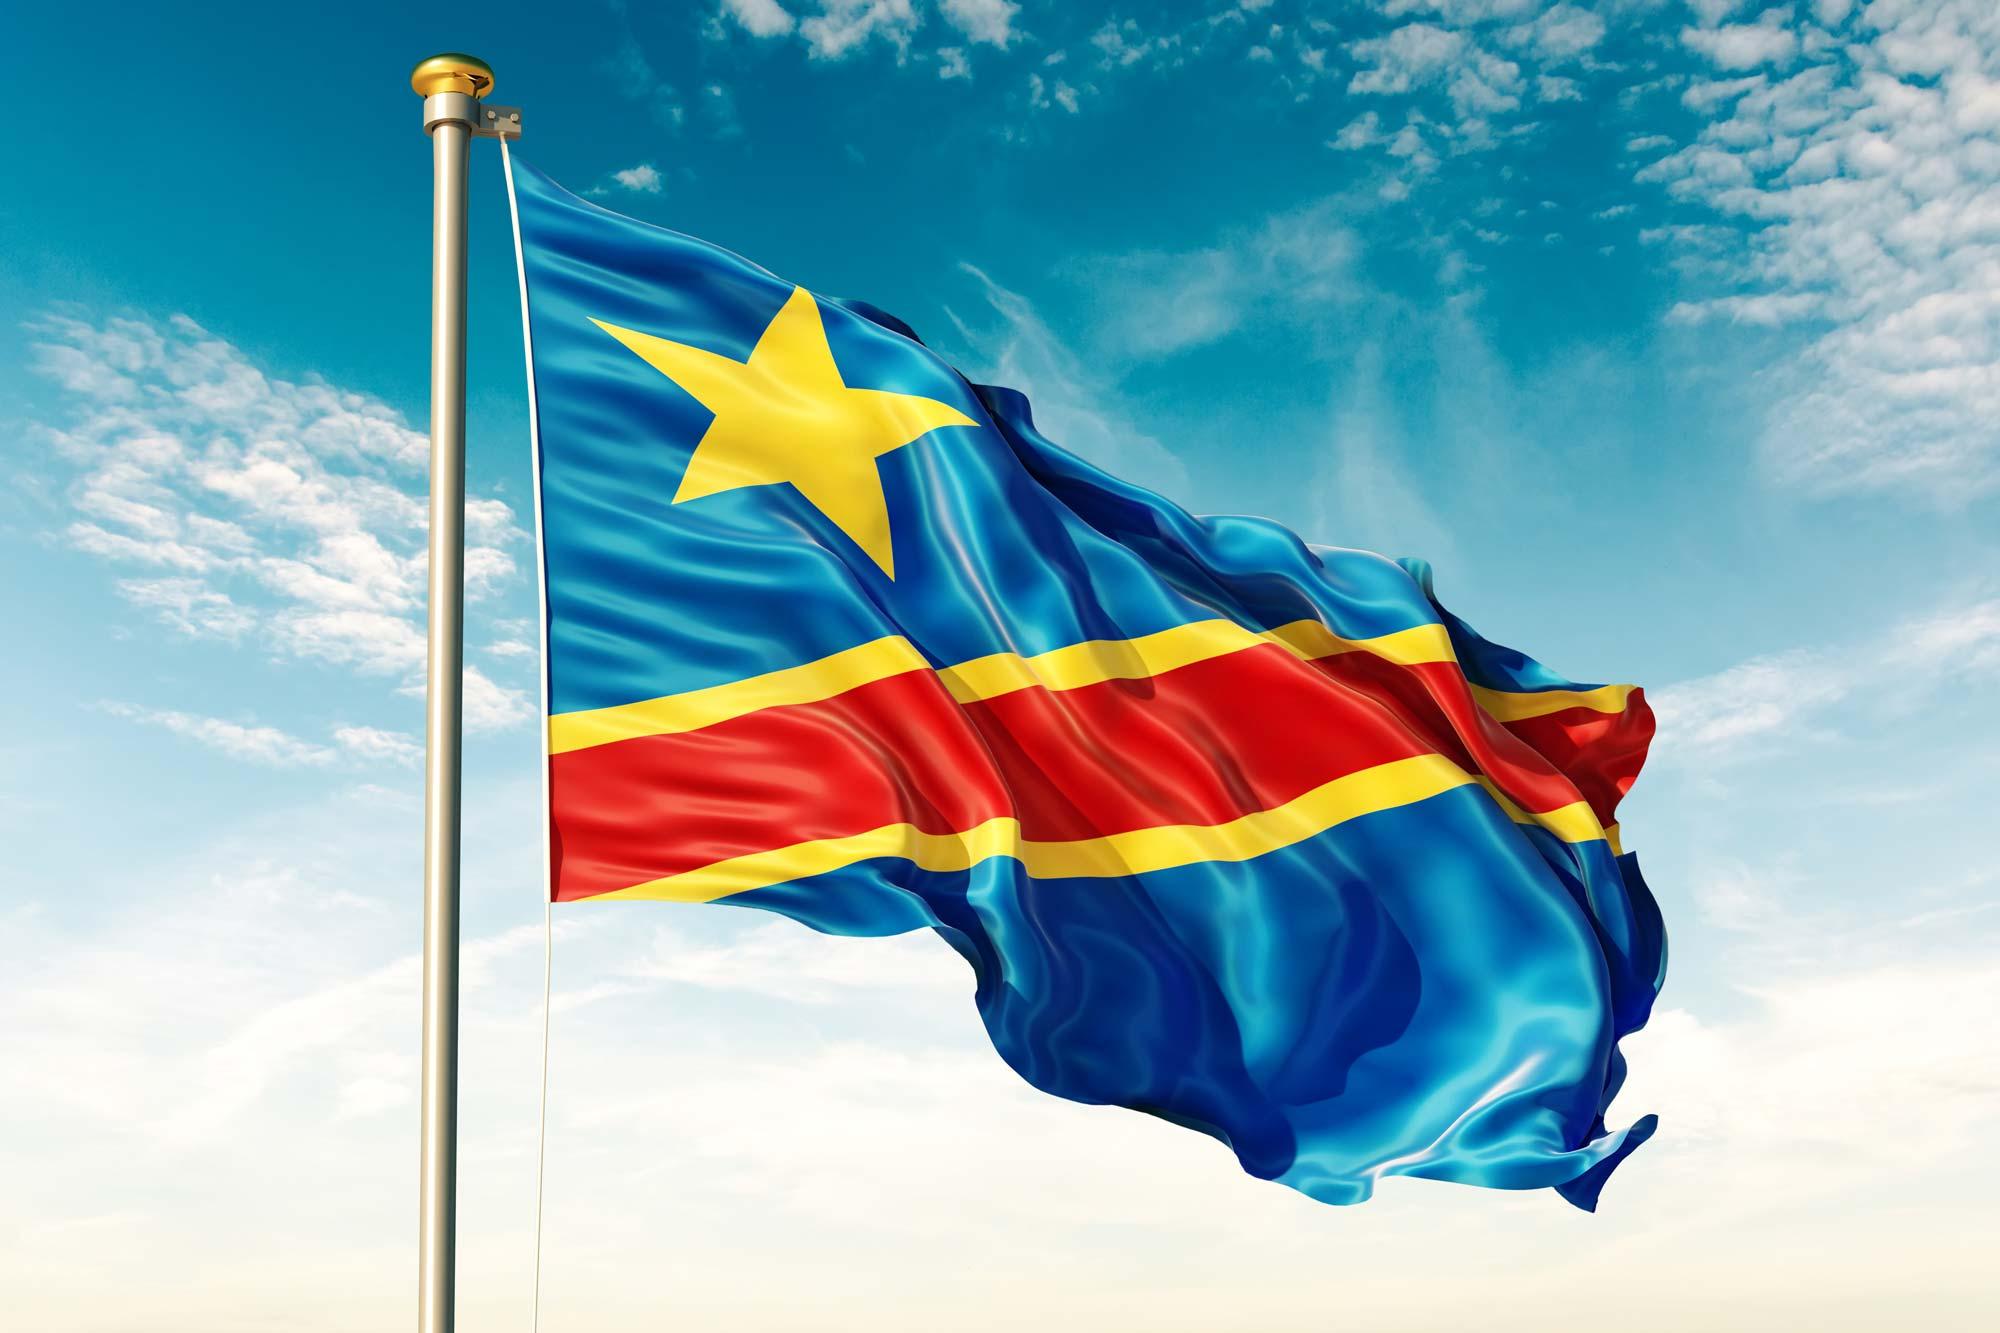 Congo – Un passé commun à regarder avec lucidité